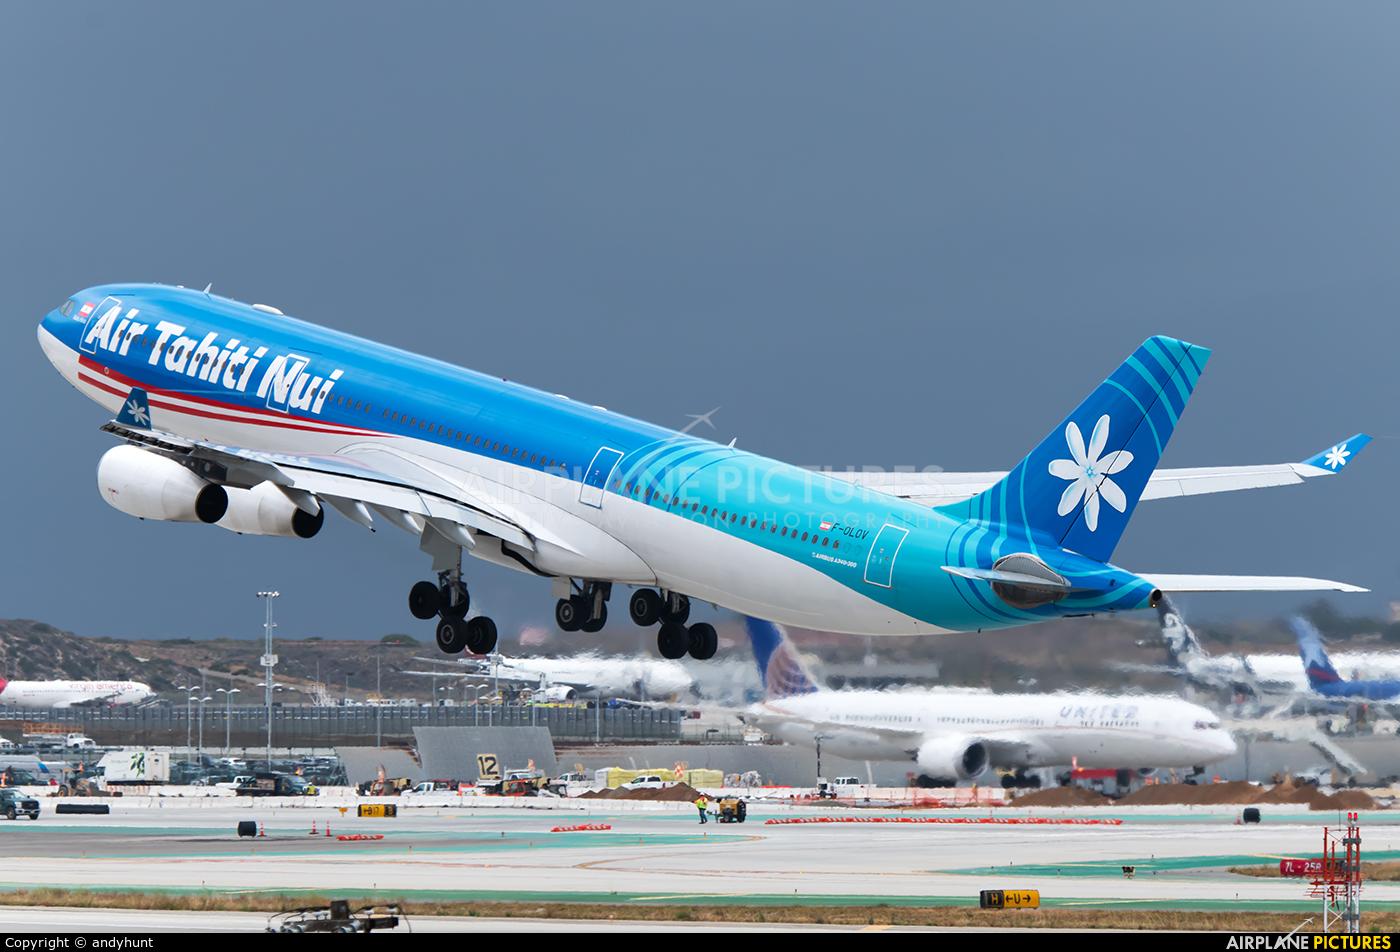 Air Tahiti Nui F-OLOV aircraft at Los Angeles Intl